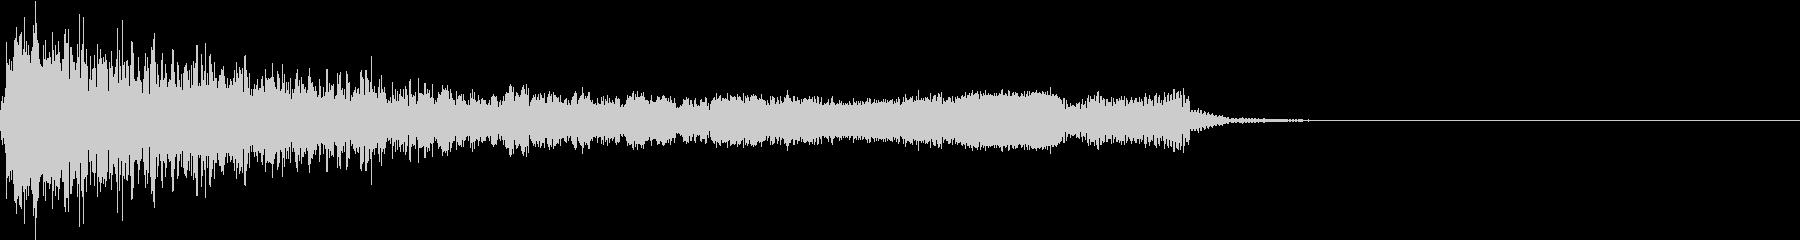 衝撃 ギター インパクト ノイズ 05の未再生の波形